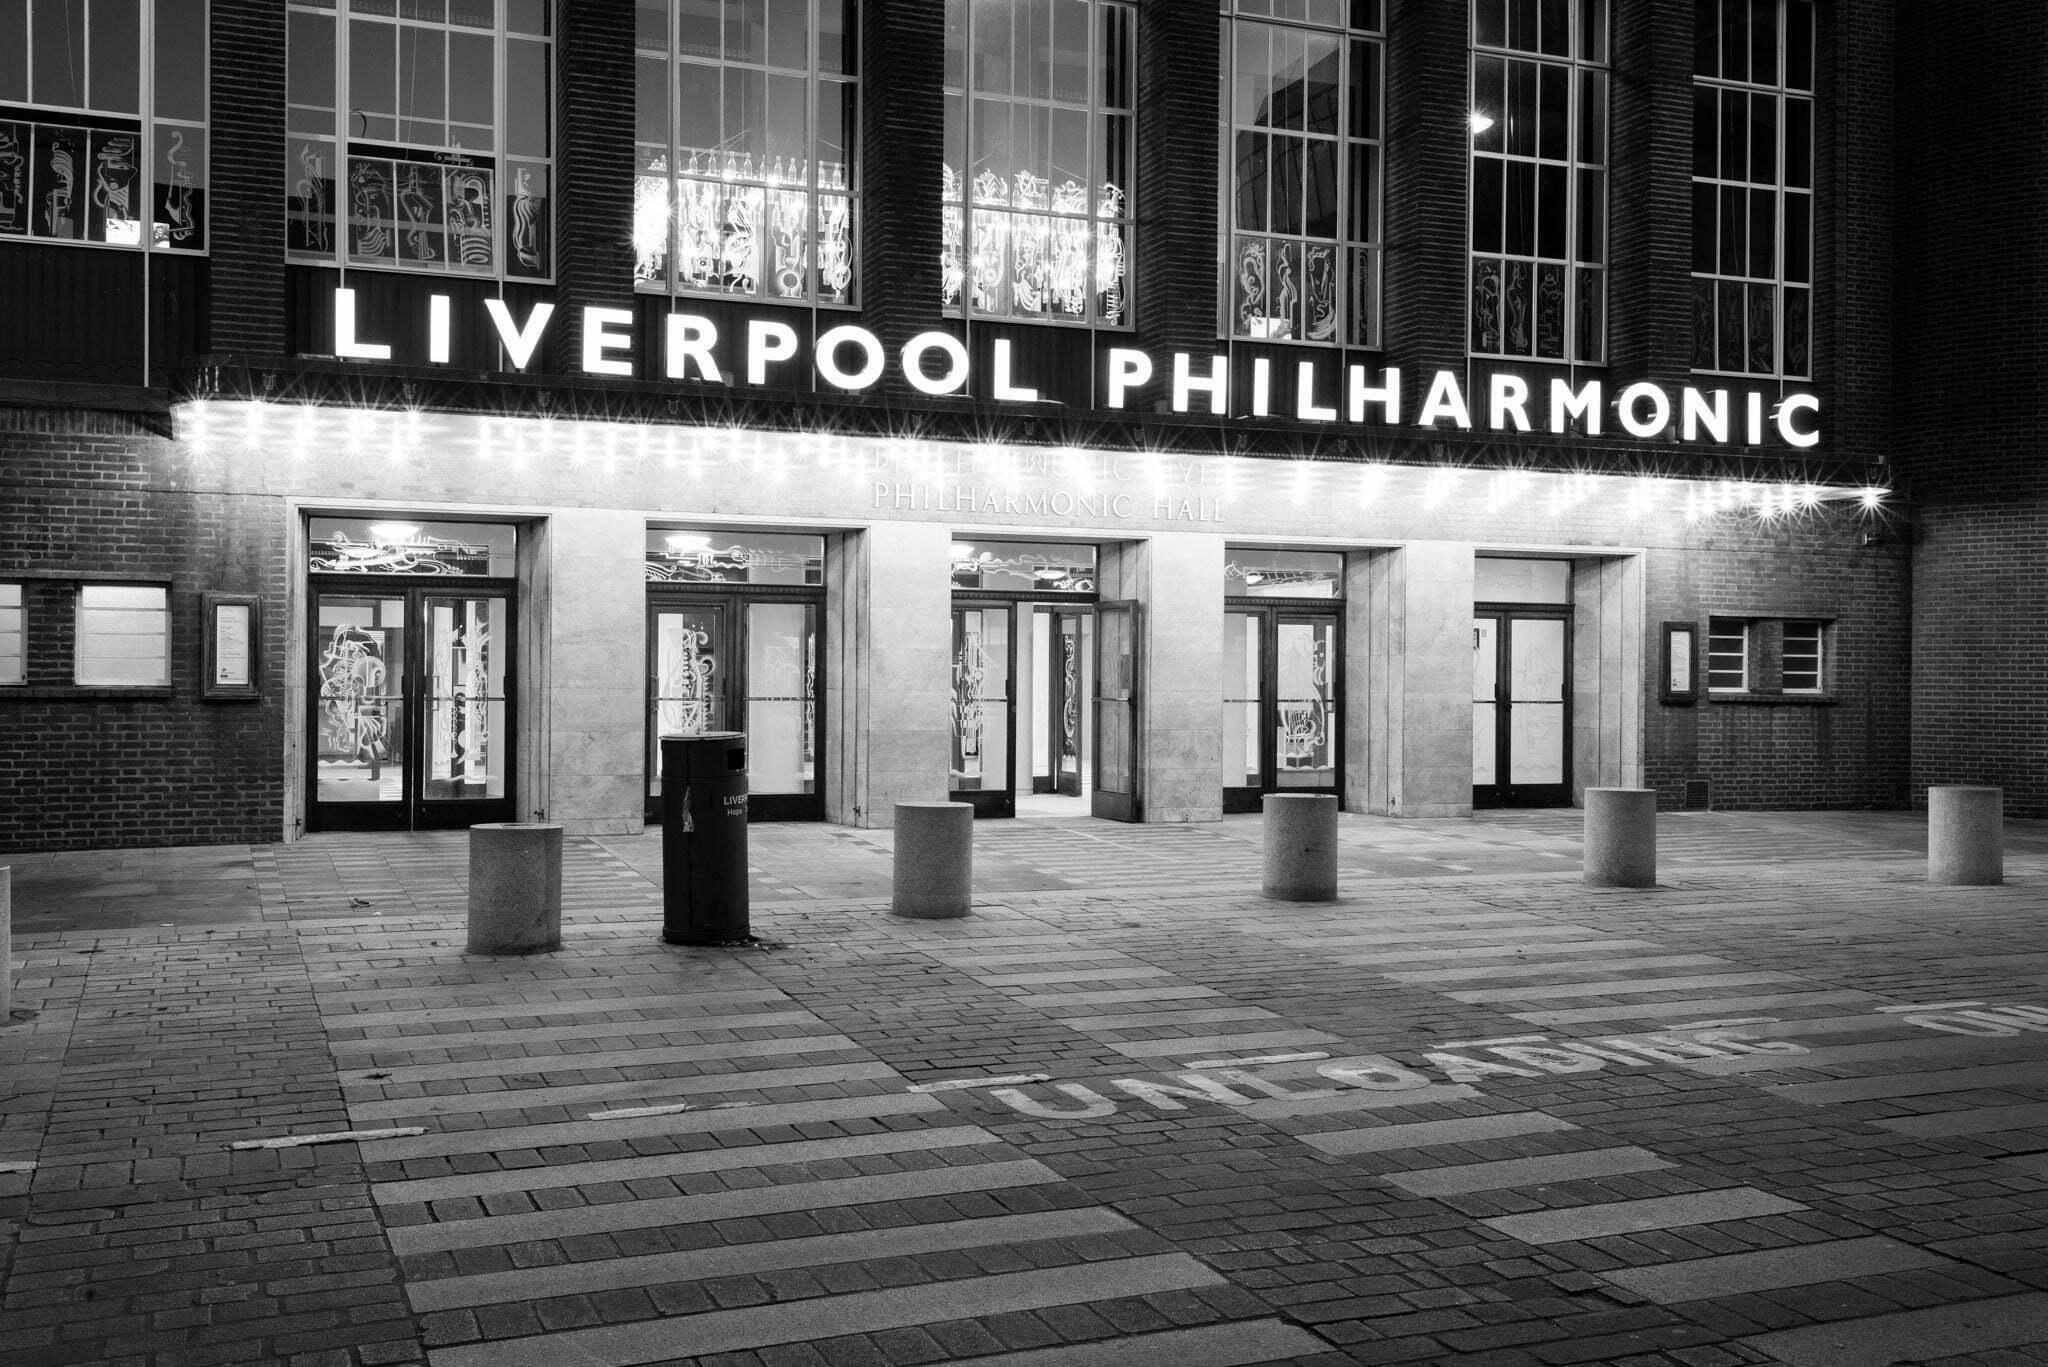 liverpool-philharmonic-0858